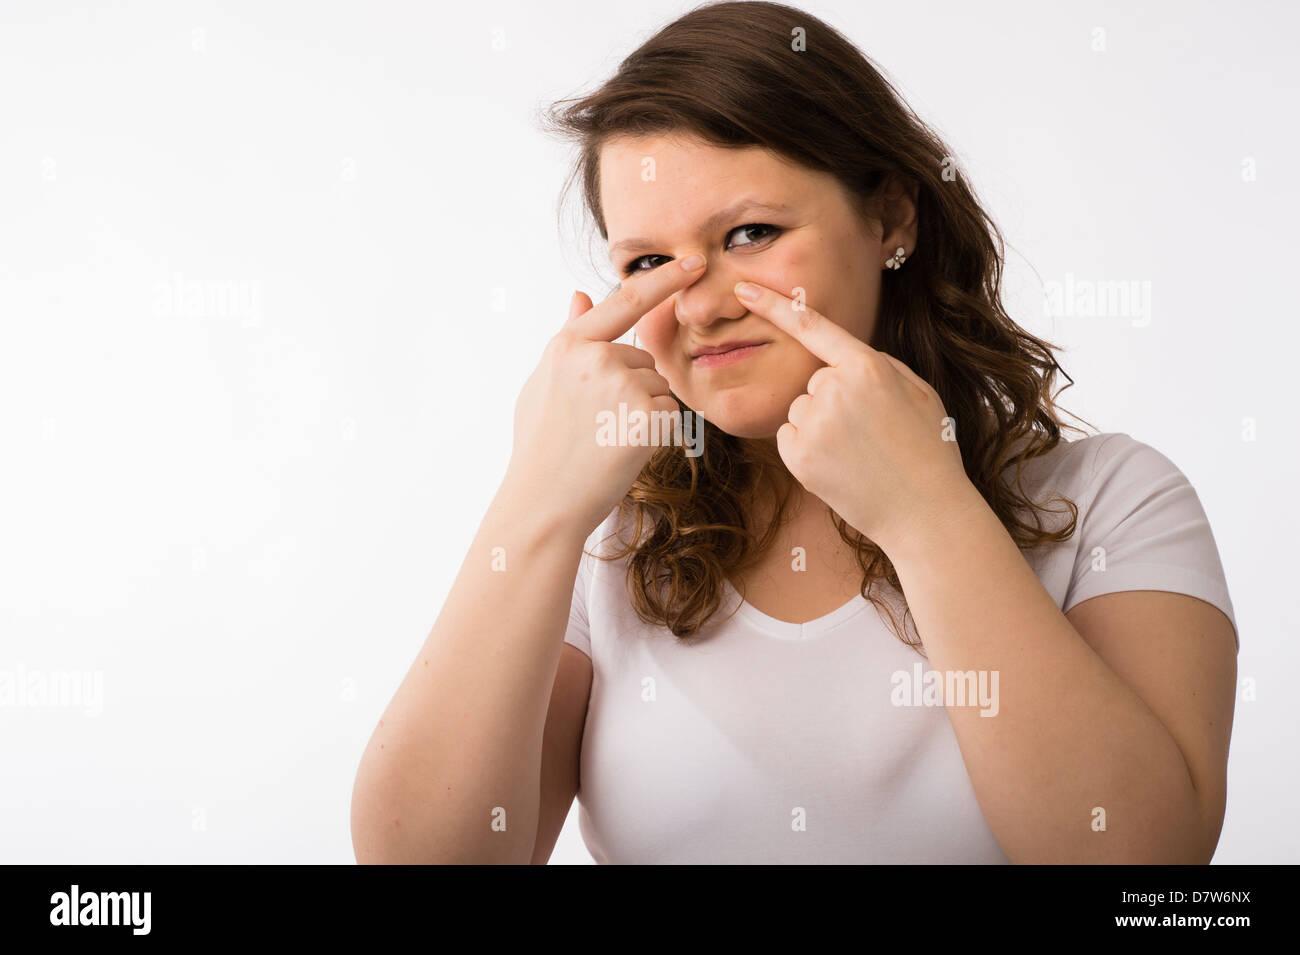 Junge Brünette kaukasischen Mädchens Überprüfung ihr Gesicht und Teint Haut Stockbild